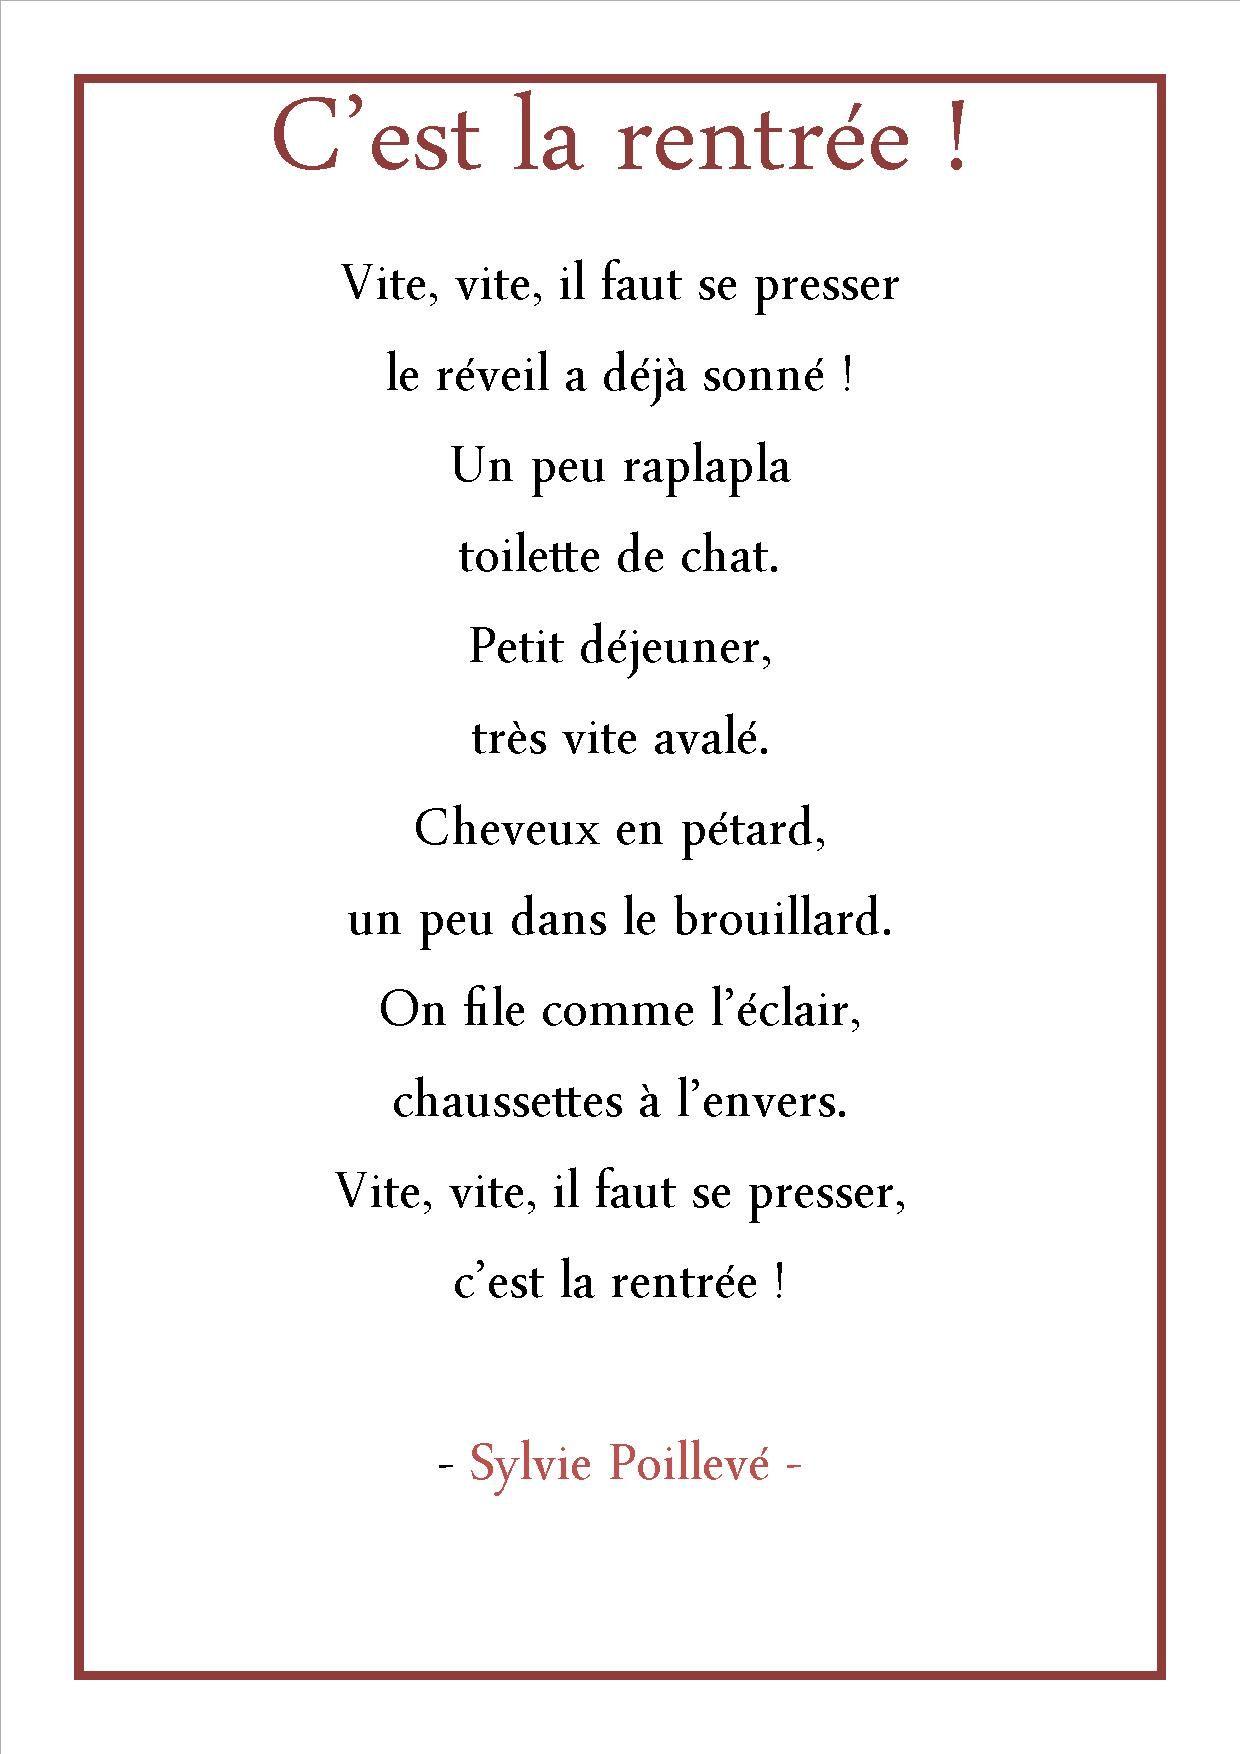 Poésie Cest La Rentrée Sylvie Poillevé Google Search